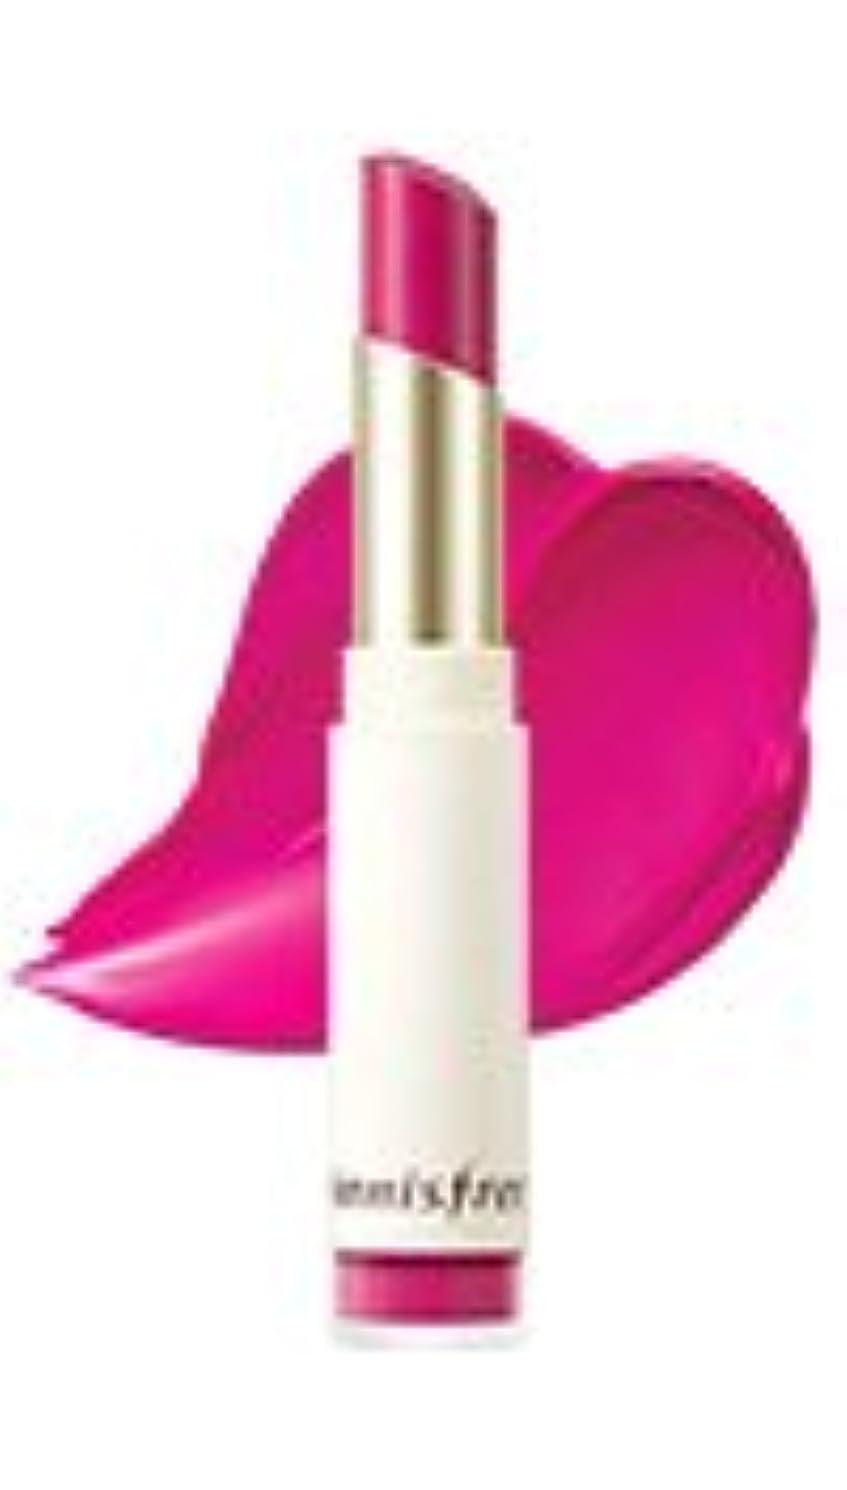 ゲーム防ぐ捧げるInnisfree Real Fit Velvet Lipstick 3.5g #09 イニスフリー リアルフィットベルベットリップスティック 3.5g #09 [2017 new] [並行輸入品]